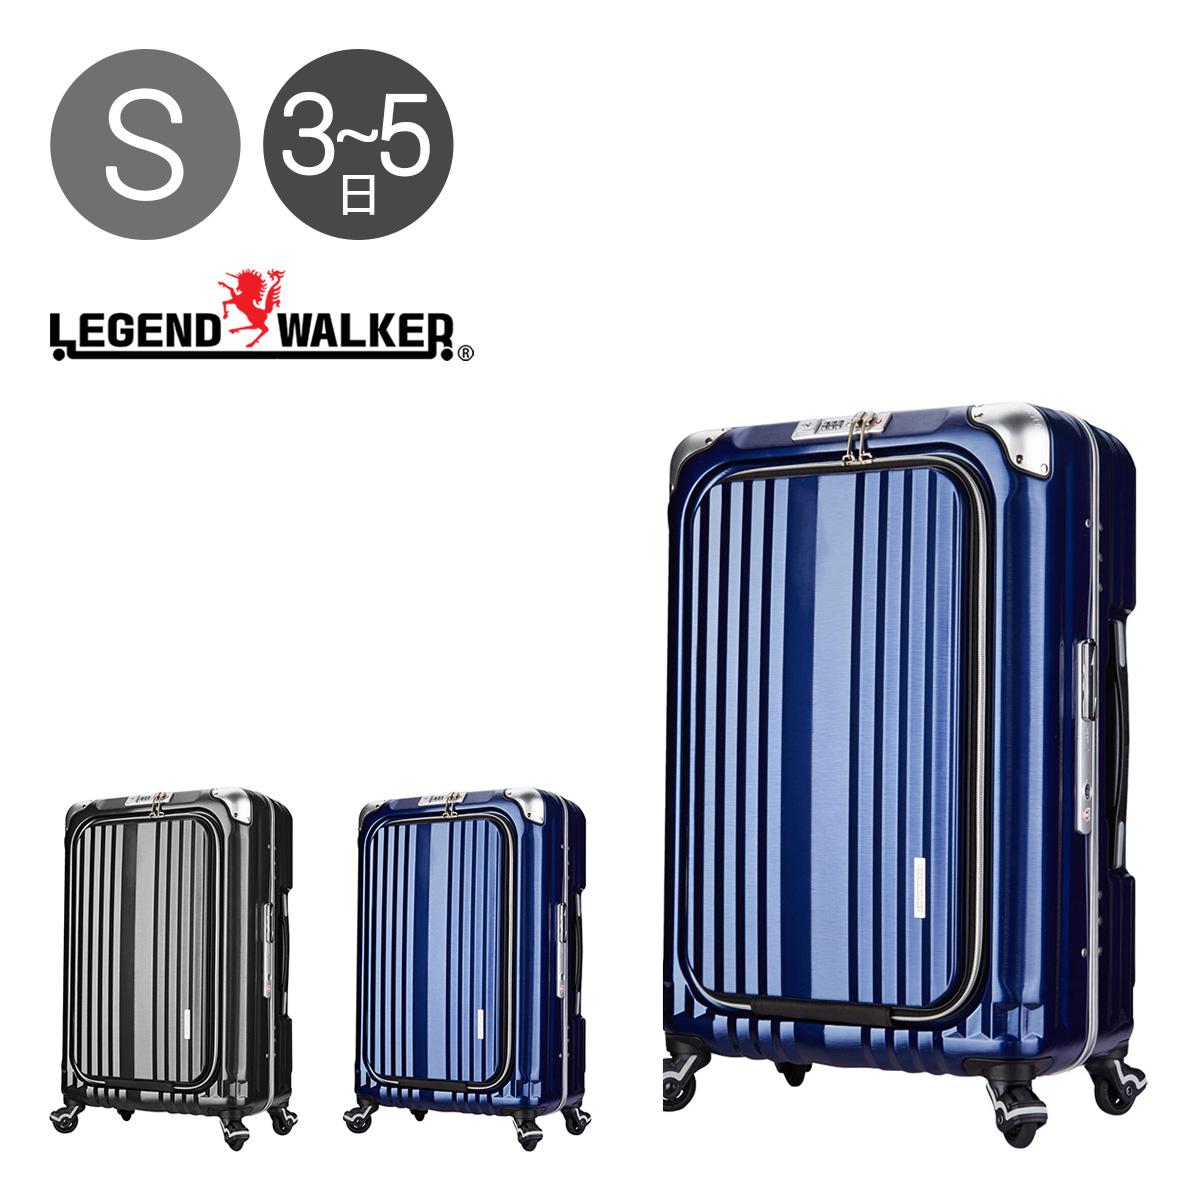 レジェンドウォーカー スーツケース グラン|56L 58cm 4.4kg 6603-58|軽量 フロントオープン 3年保証 ハード フレーム 静音 TSAロック搭載 HINOMOTO キャリーケース ビジネスキャリー [PO10][bef]